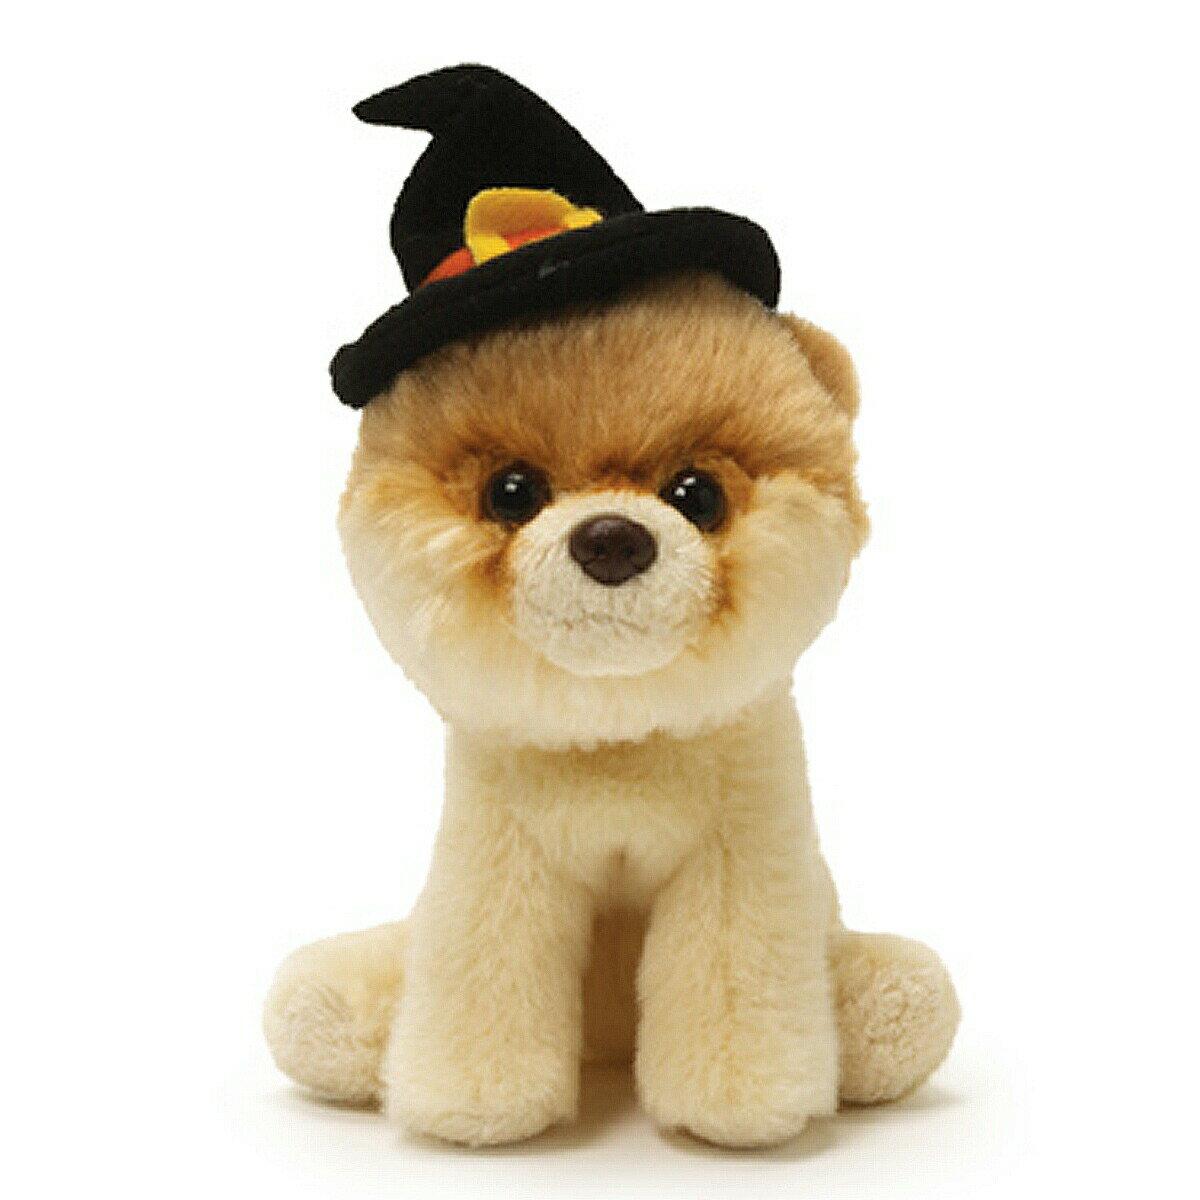 ガンド GUND Boo ハロウィン 4036170 魔女 帽子 ポメラニアン ぬいぐるみ 犬 グッズ いぬ Dog 人形 キッズ ベビー おもちゃ ギフト プレゼント 新品